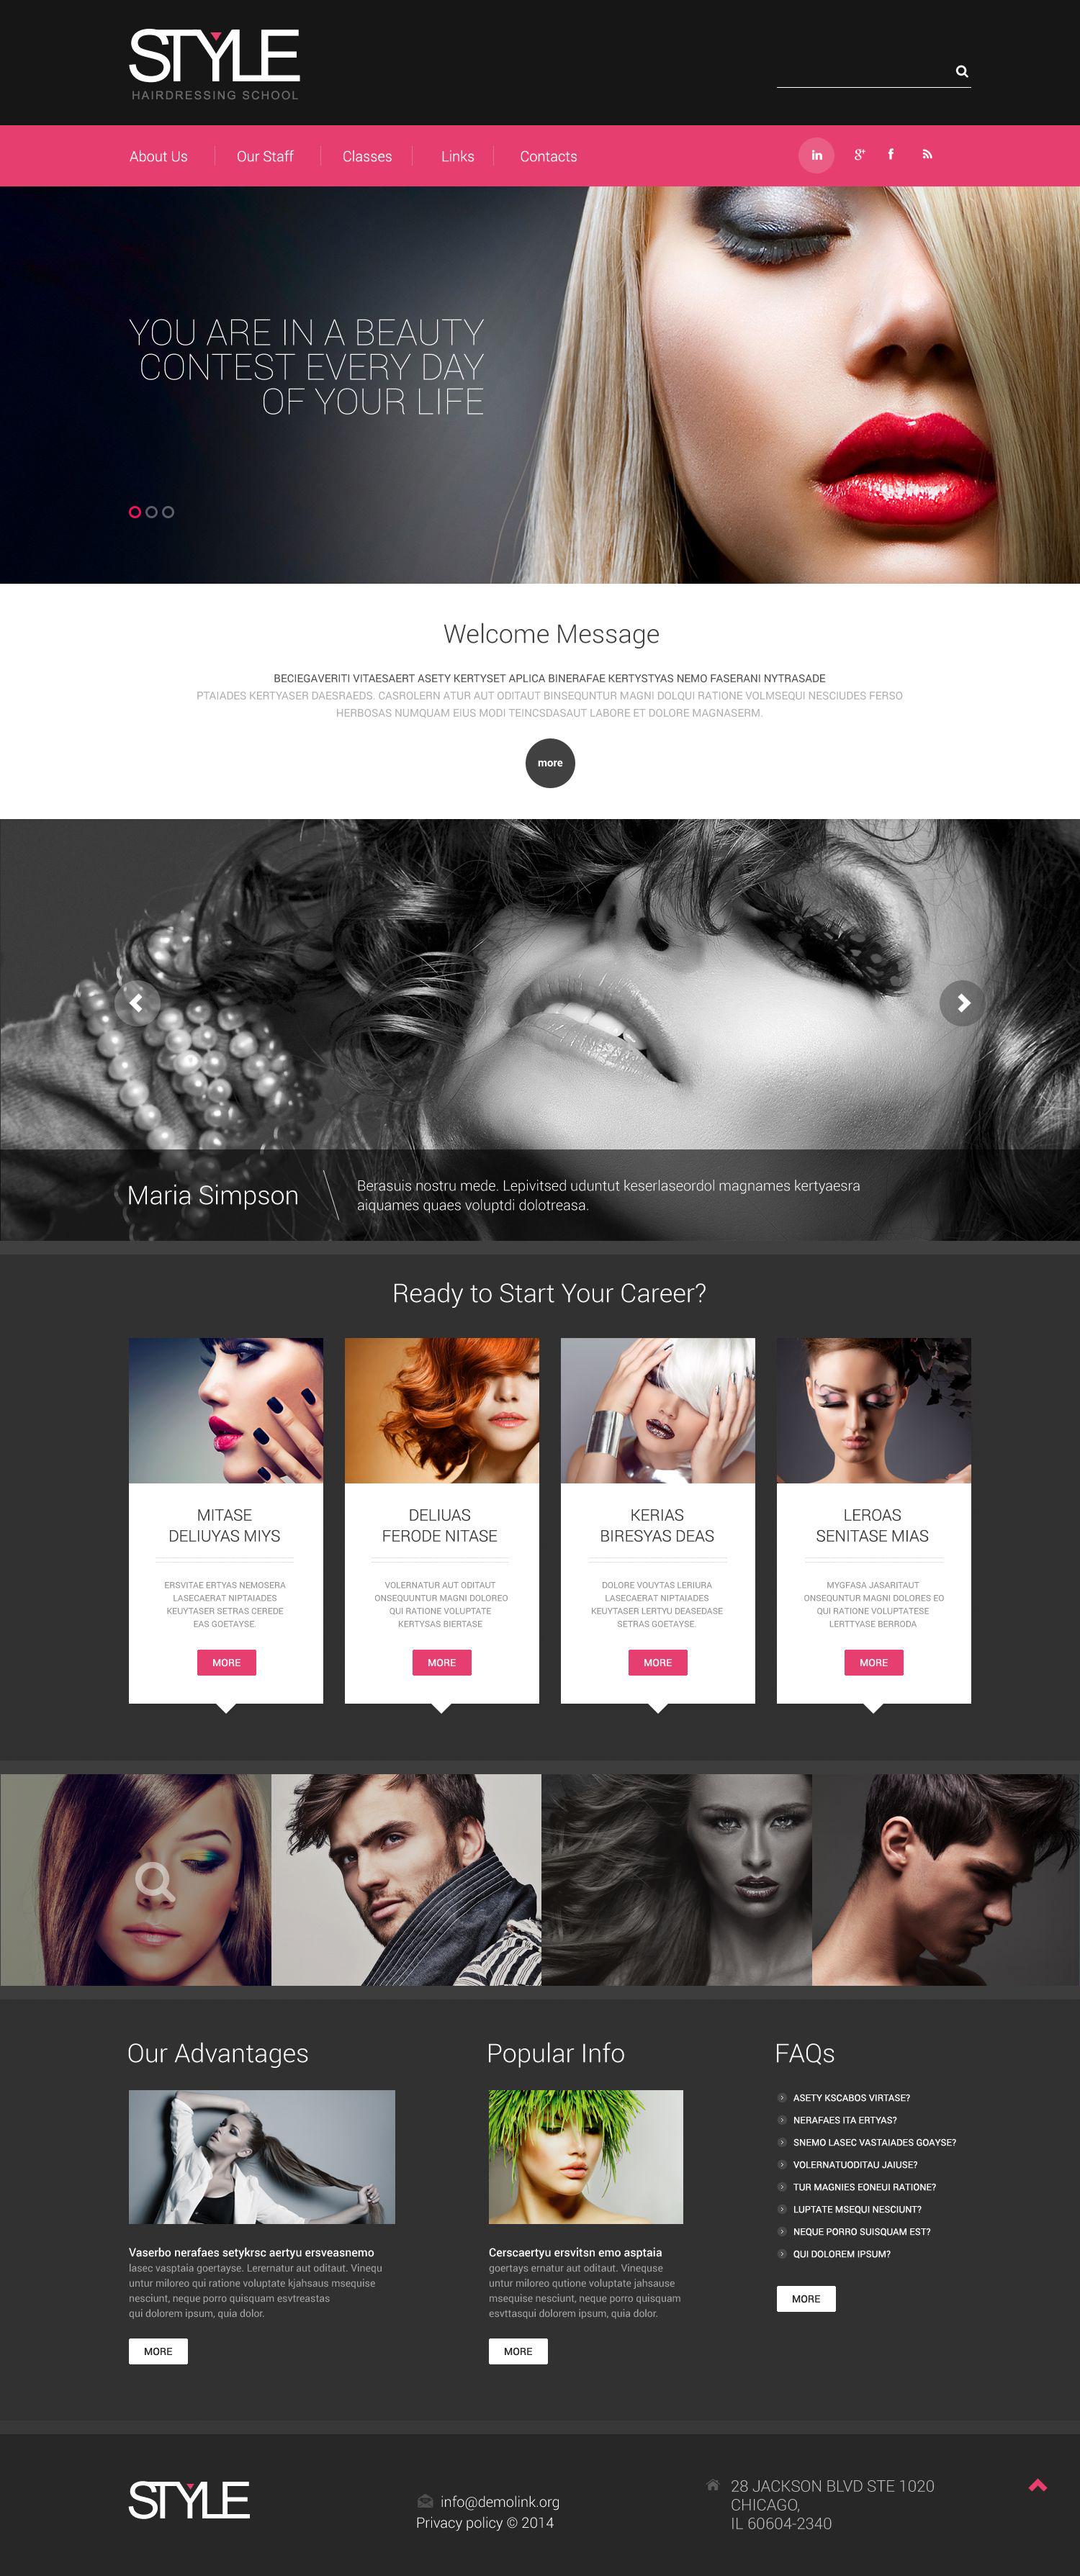 Template Web Flexível para Sites de Salão de Beleza №52875 - screenshot